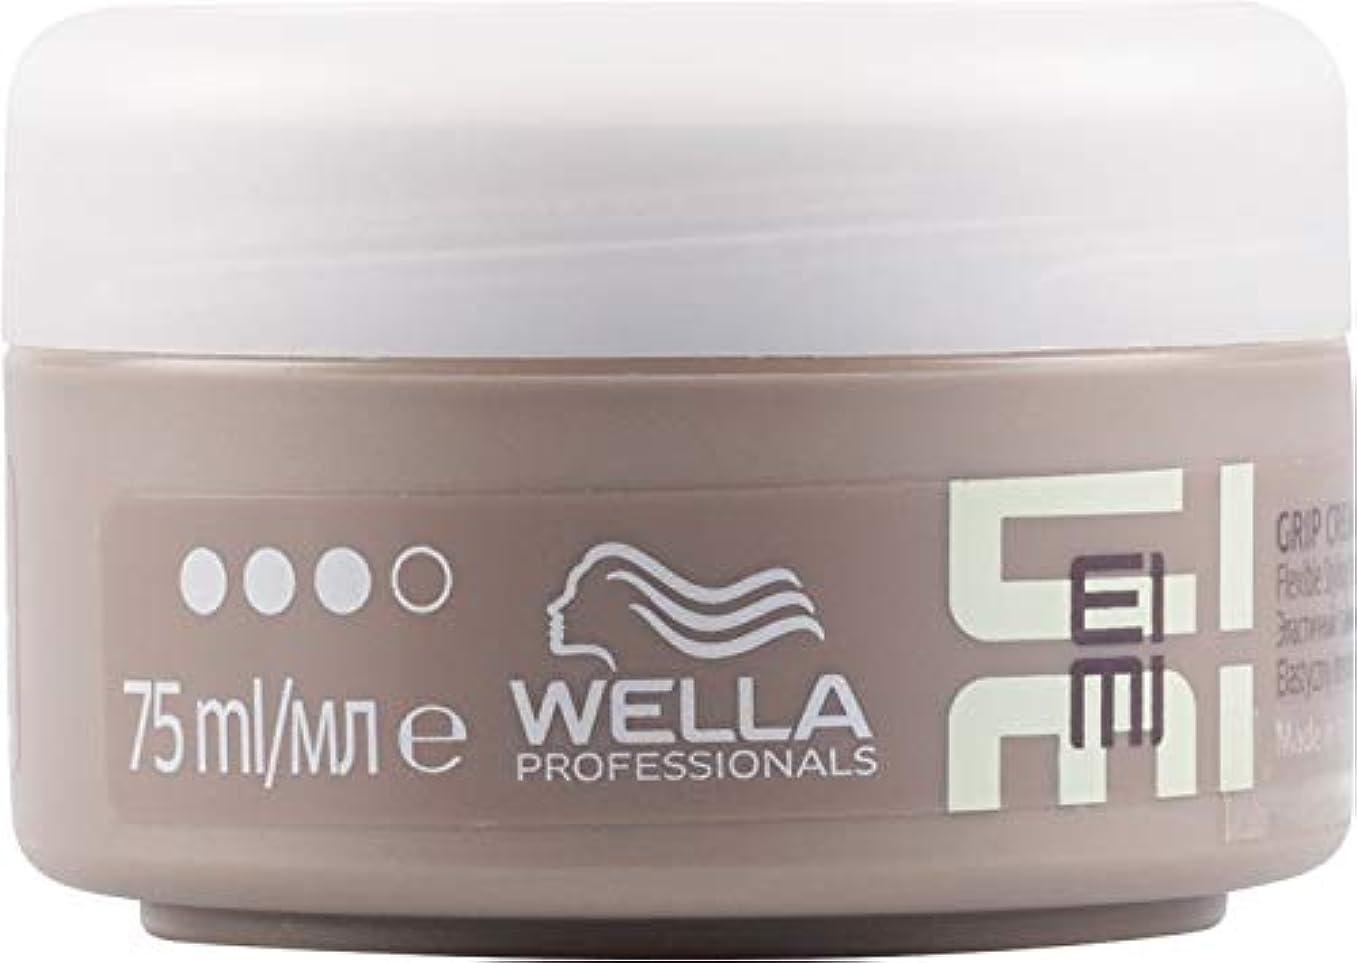 評価虫を数えるドループウエラ アイミィ グリップ クリーム Wella EIMI Grip Cream 75 ml [並行輸入品]